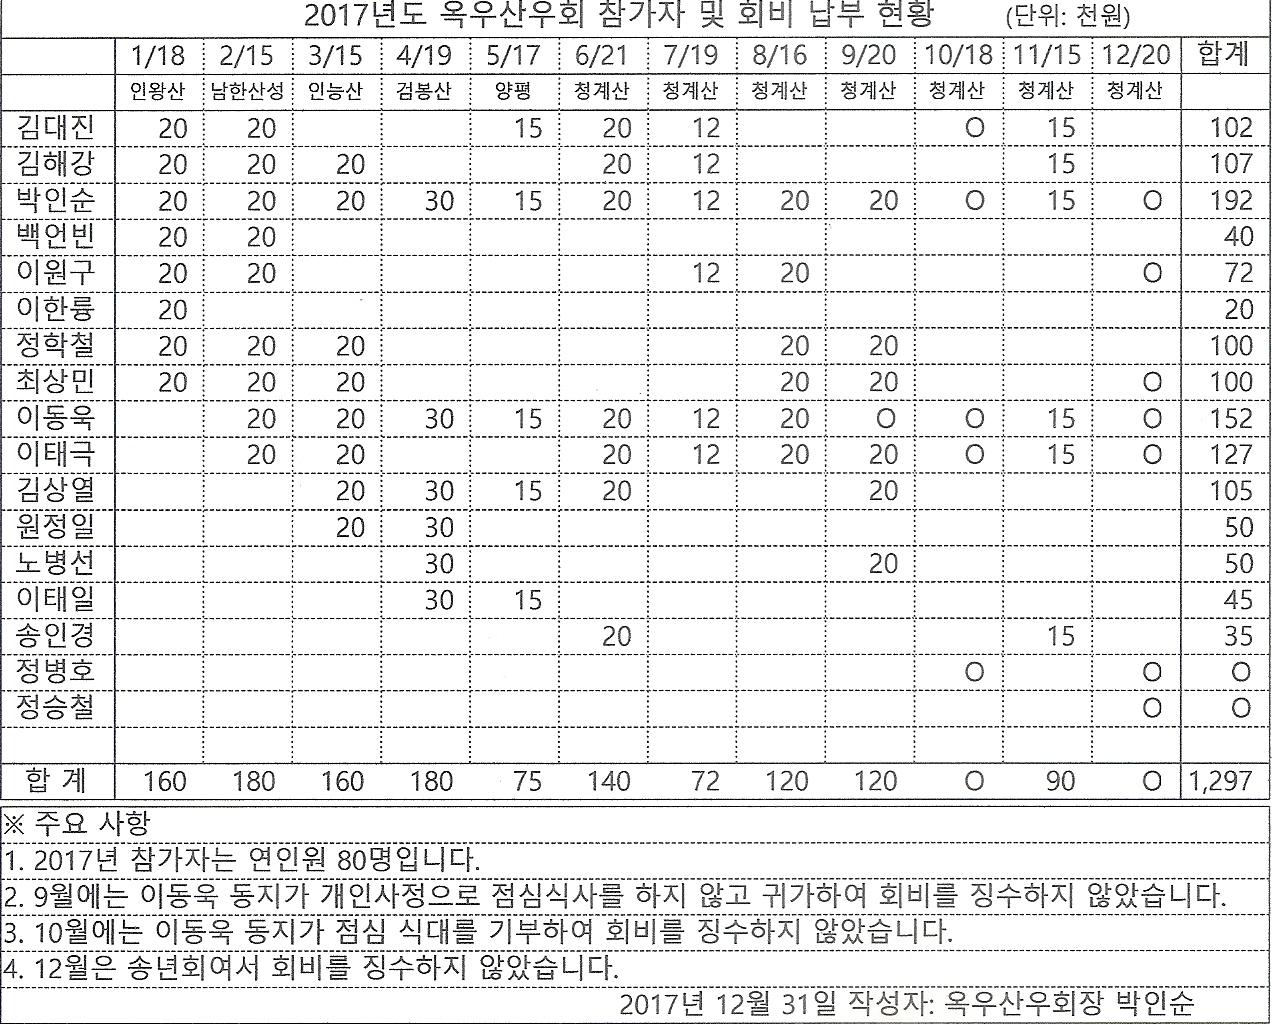 20171223-2017년도 참가자 및 회비납부 현황.jpg